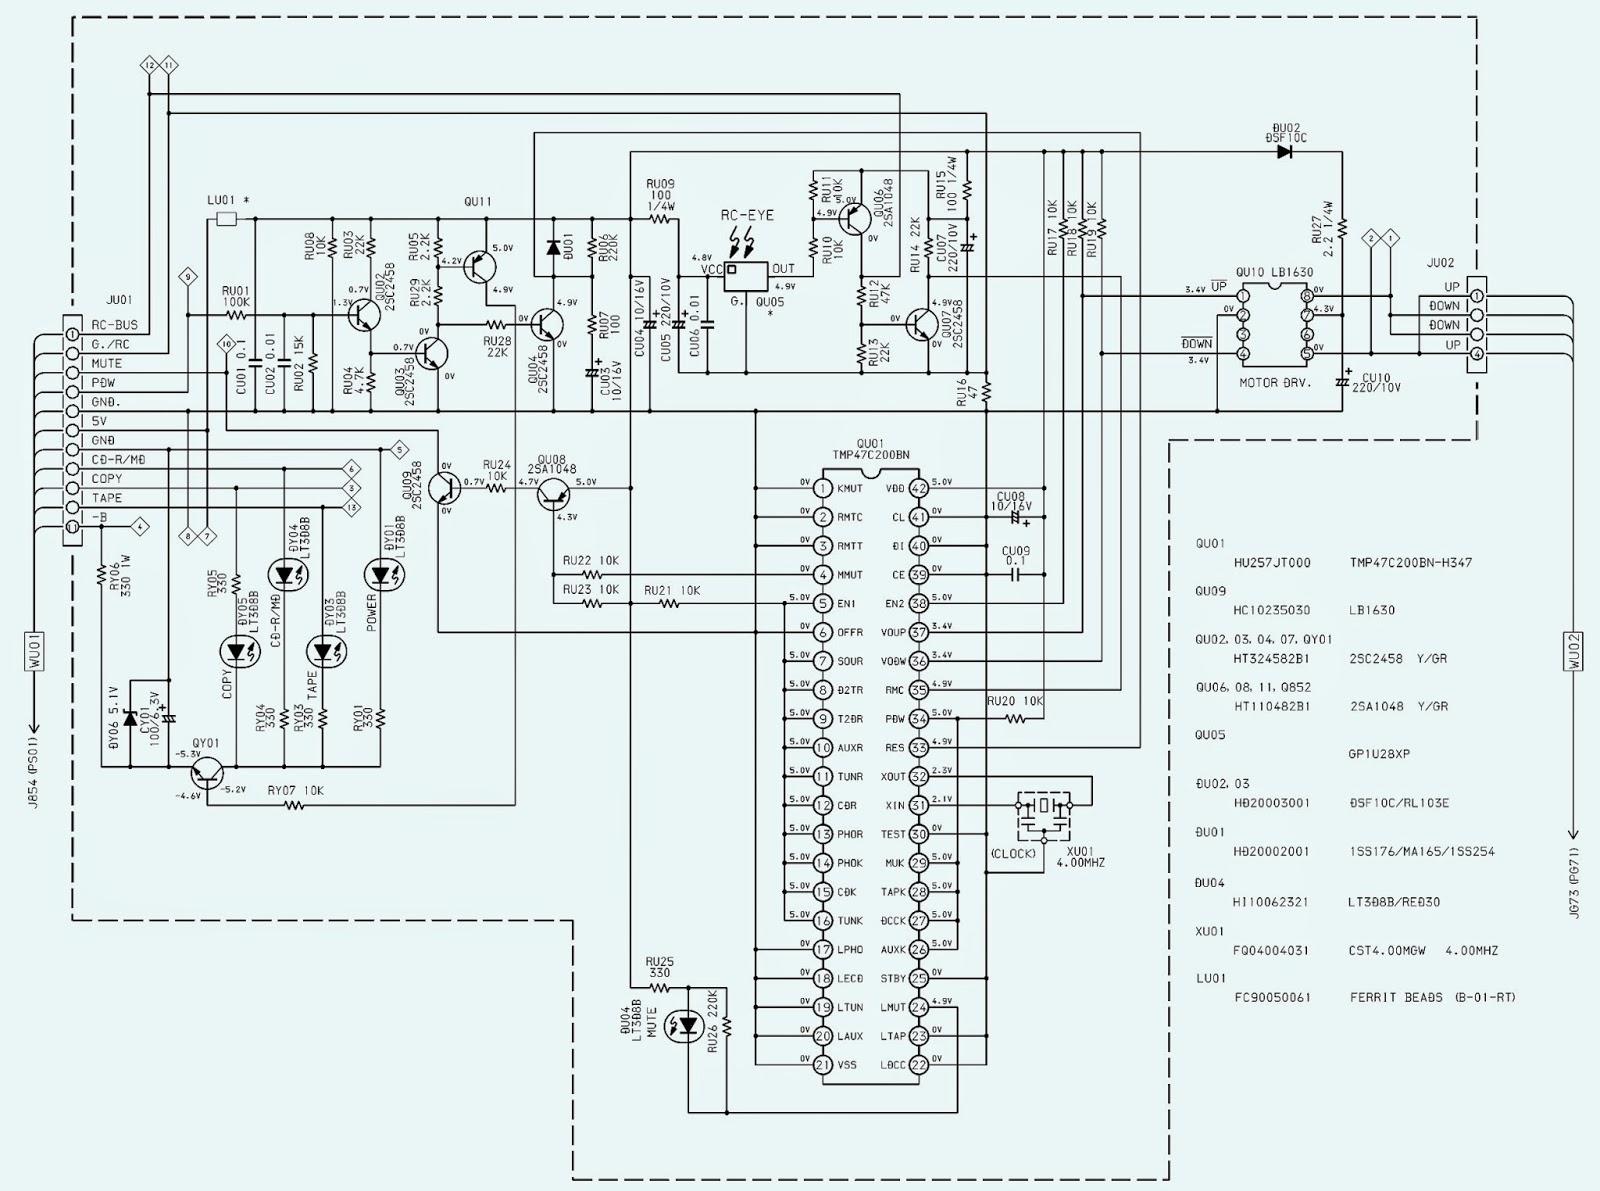 Wiring & diagram Info: MARANTZ PM6010 OSE SCHEMATIC Wiring